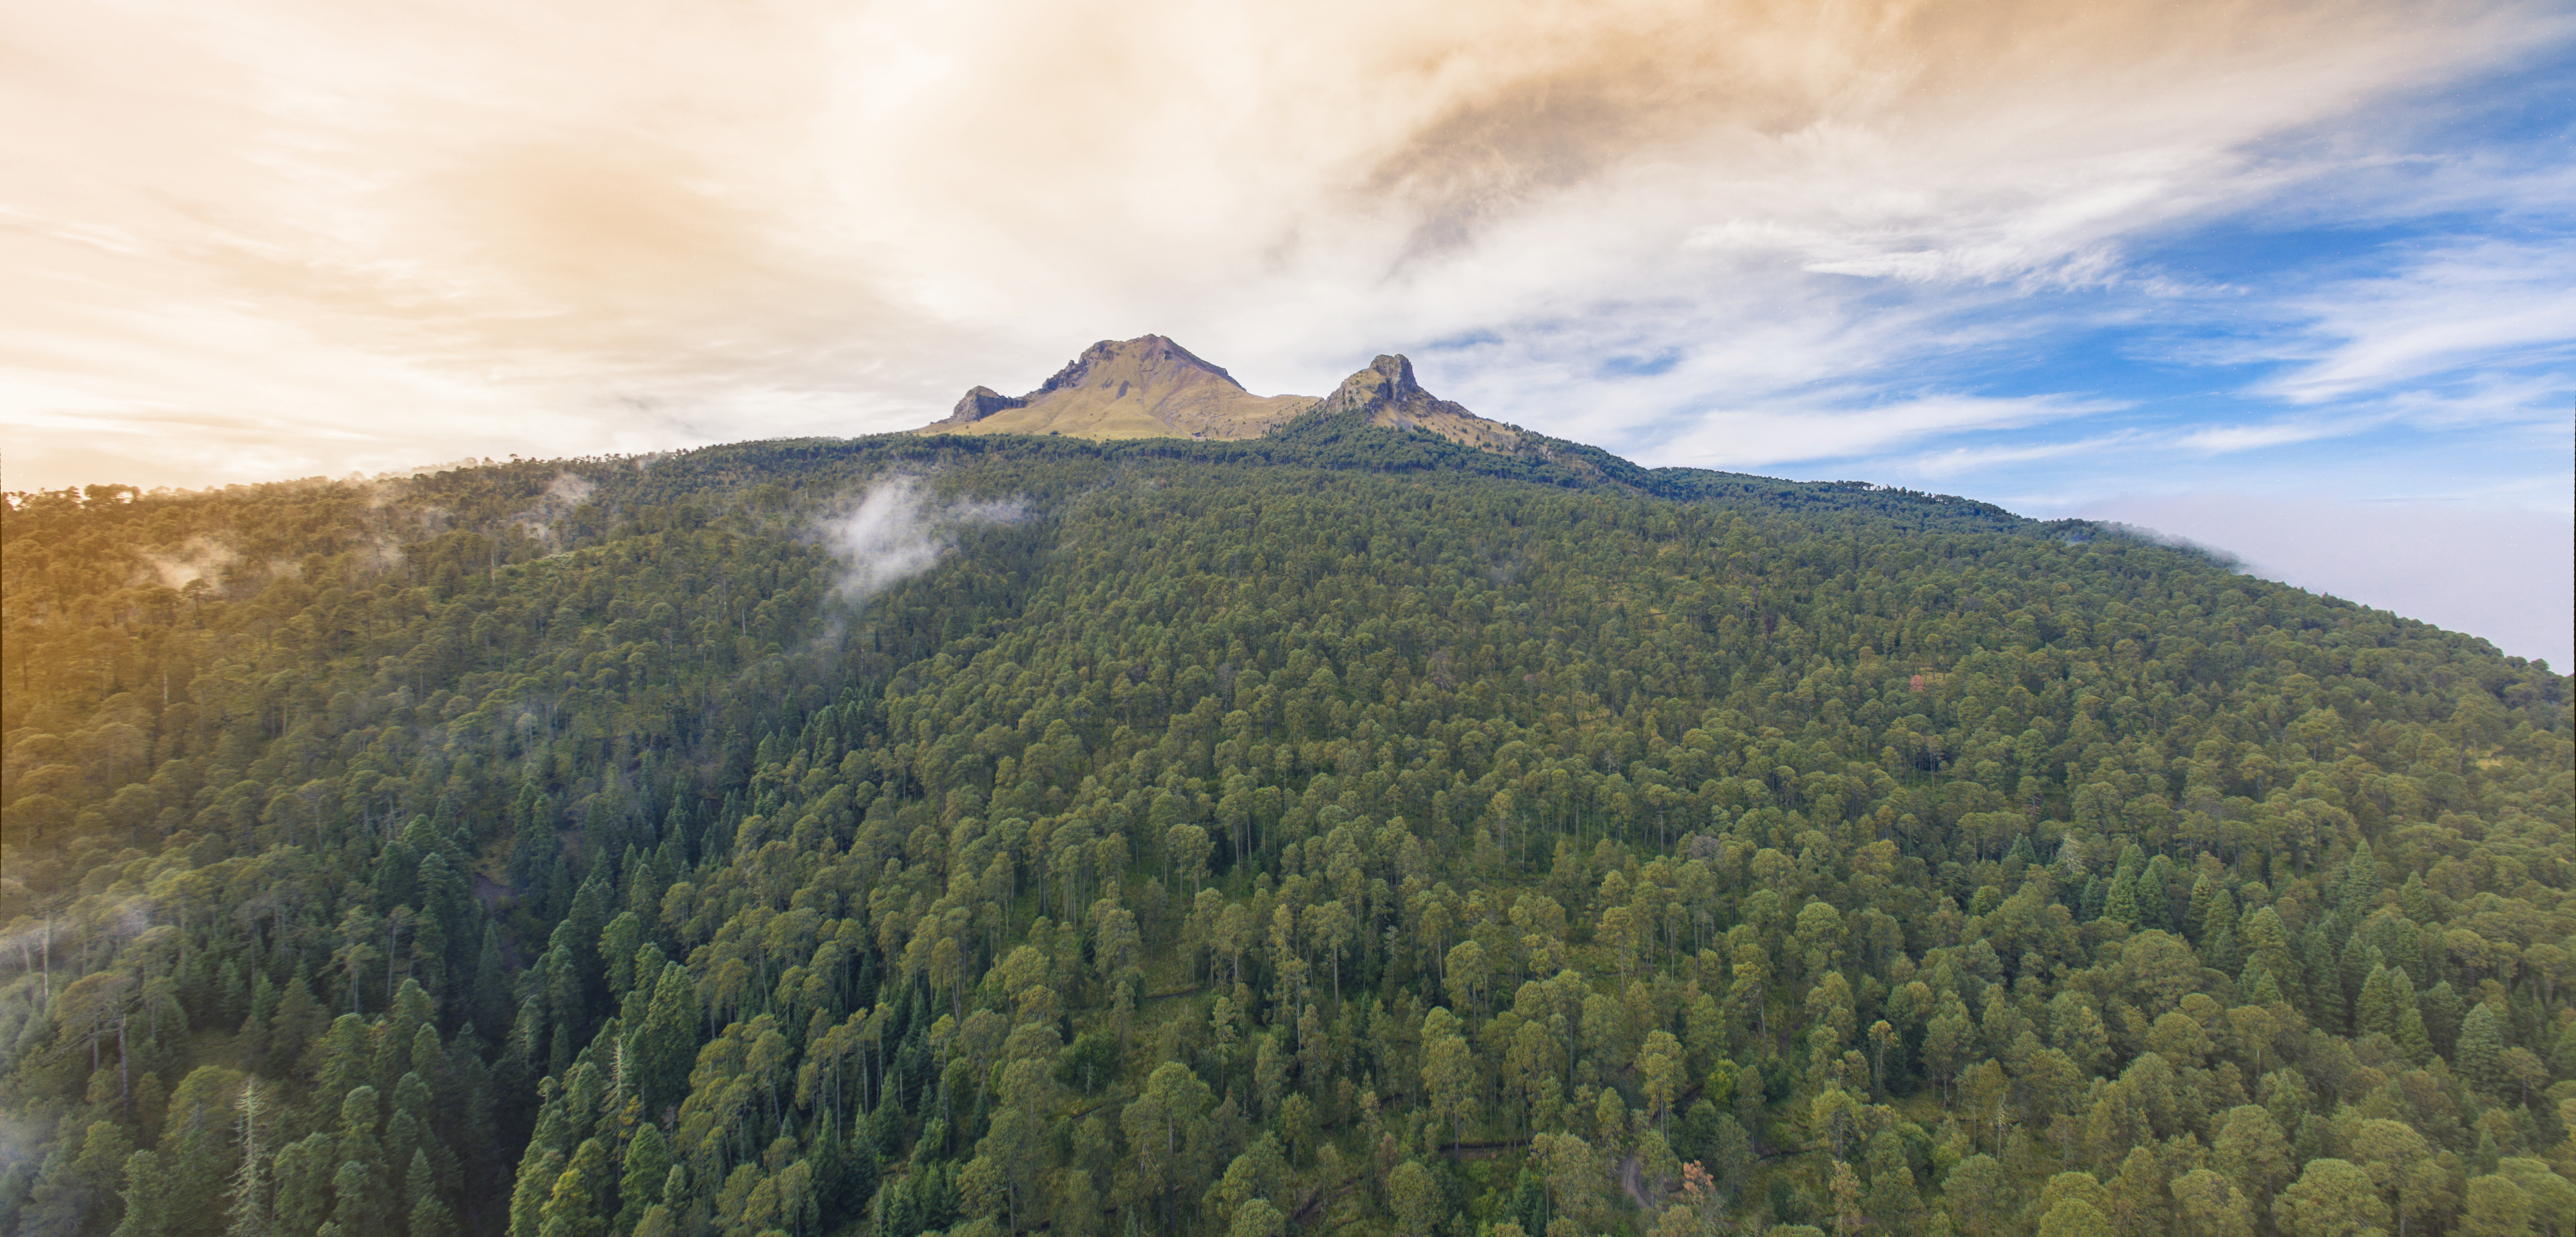 Adéntrate En La Naturaleza De La Malinche Rincones De México